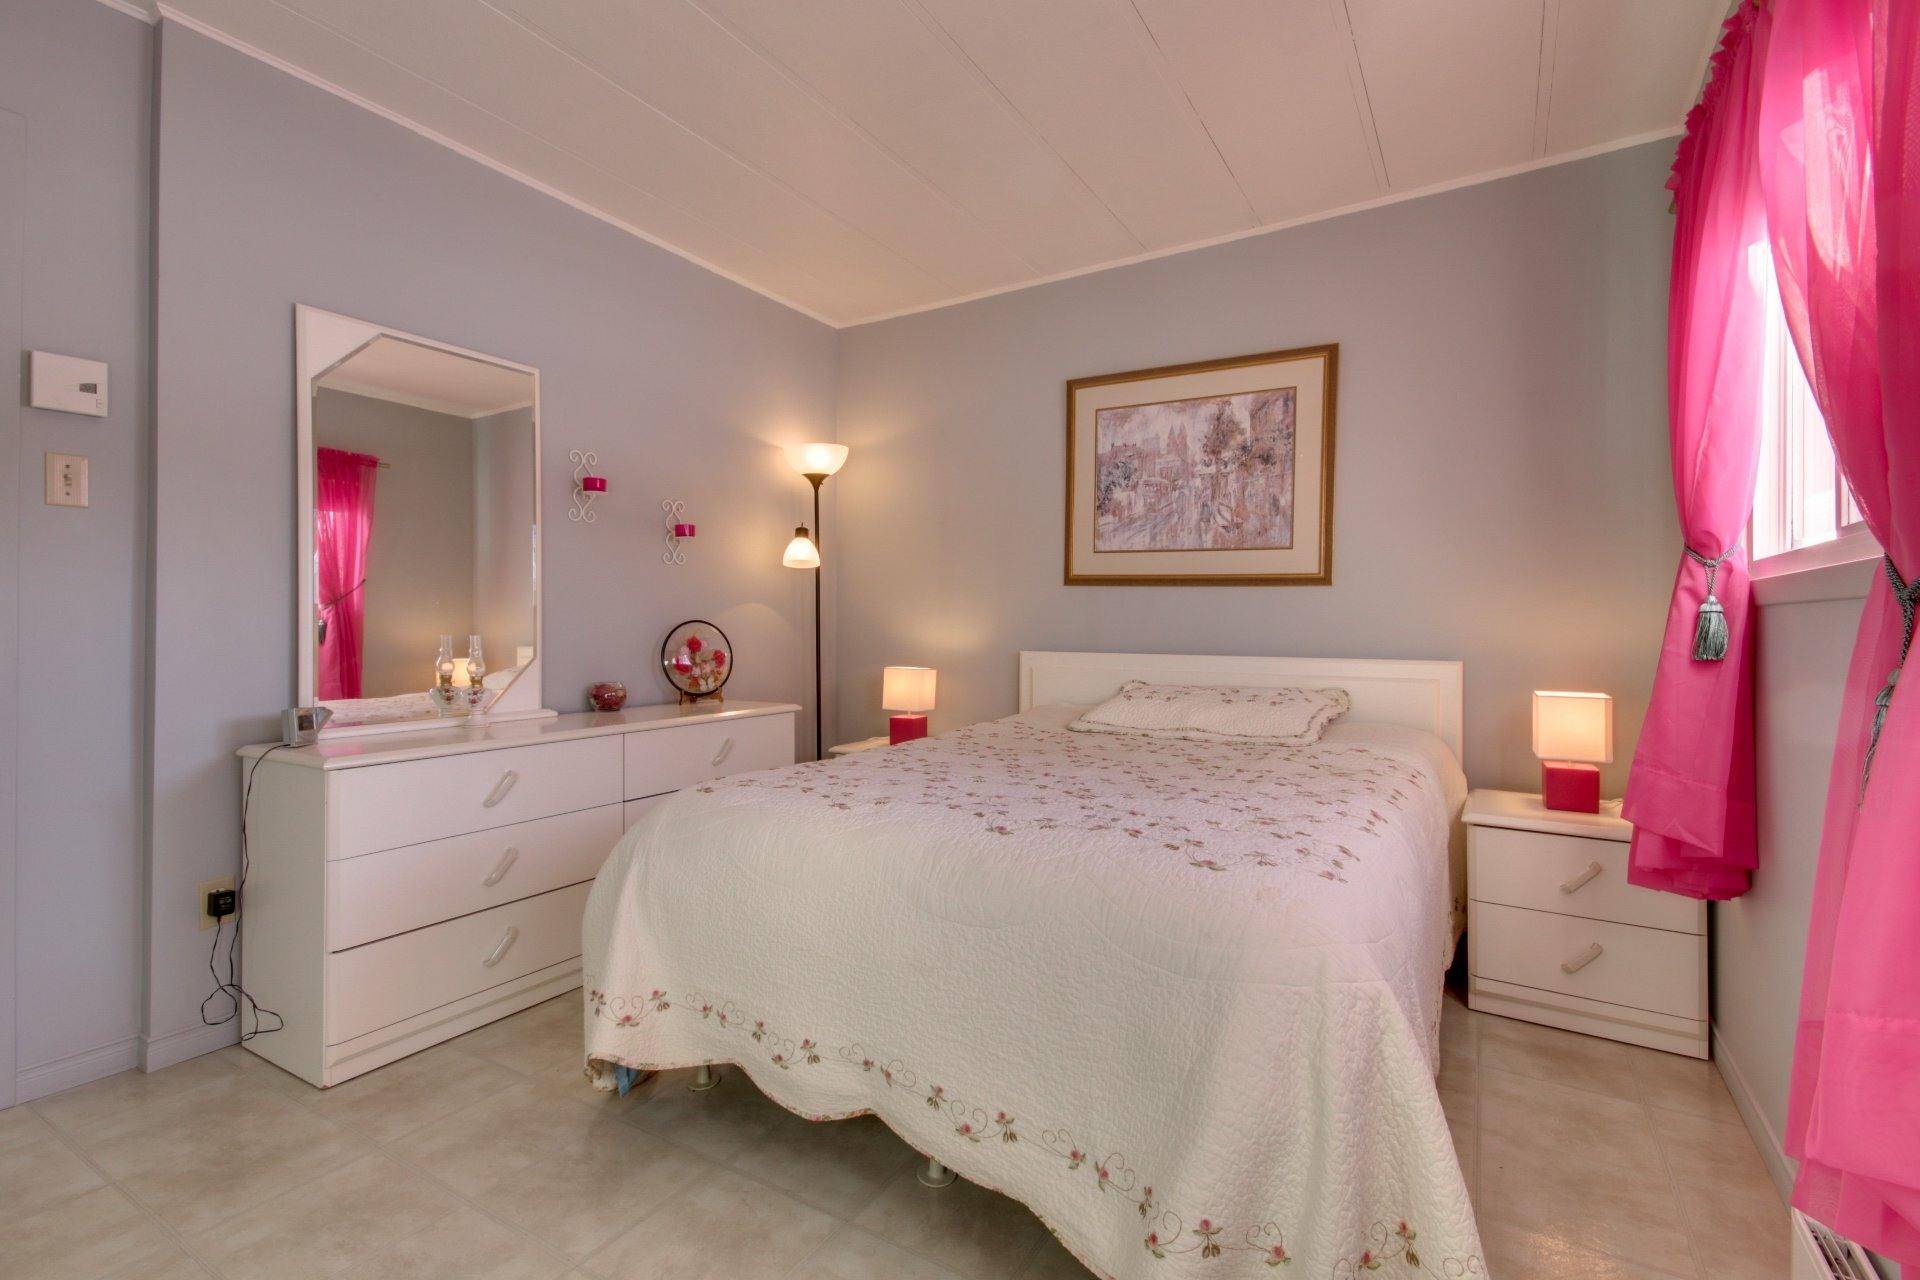 image 14 - House For sale Saint-Pierre-les-Becquets - 6 rooms